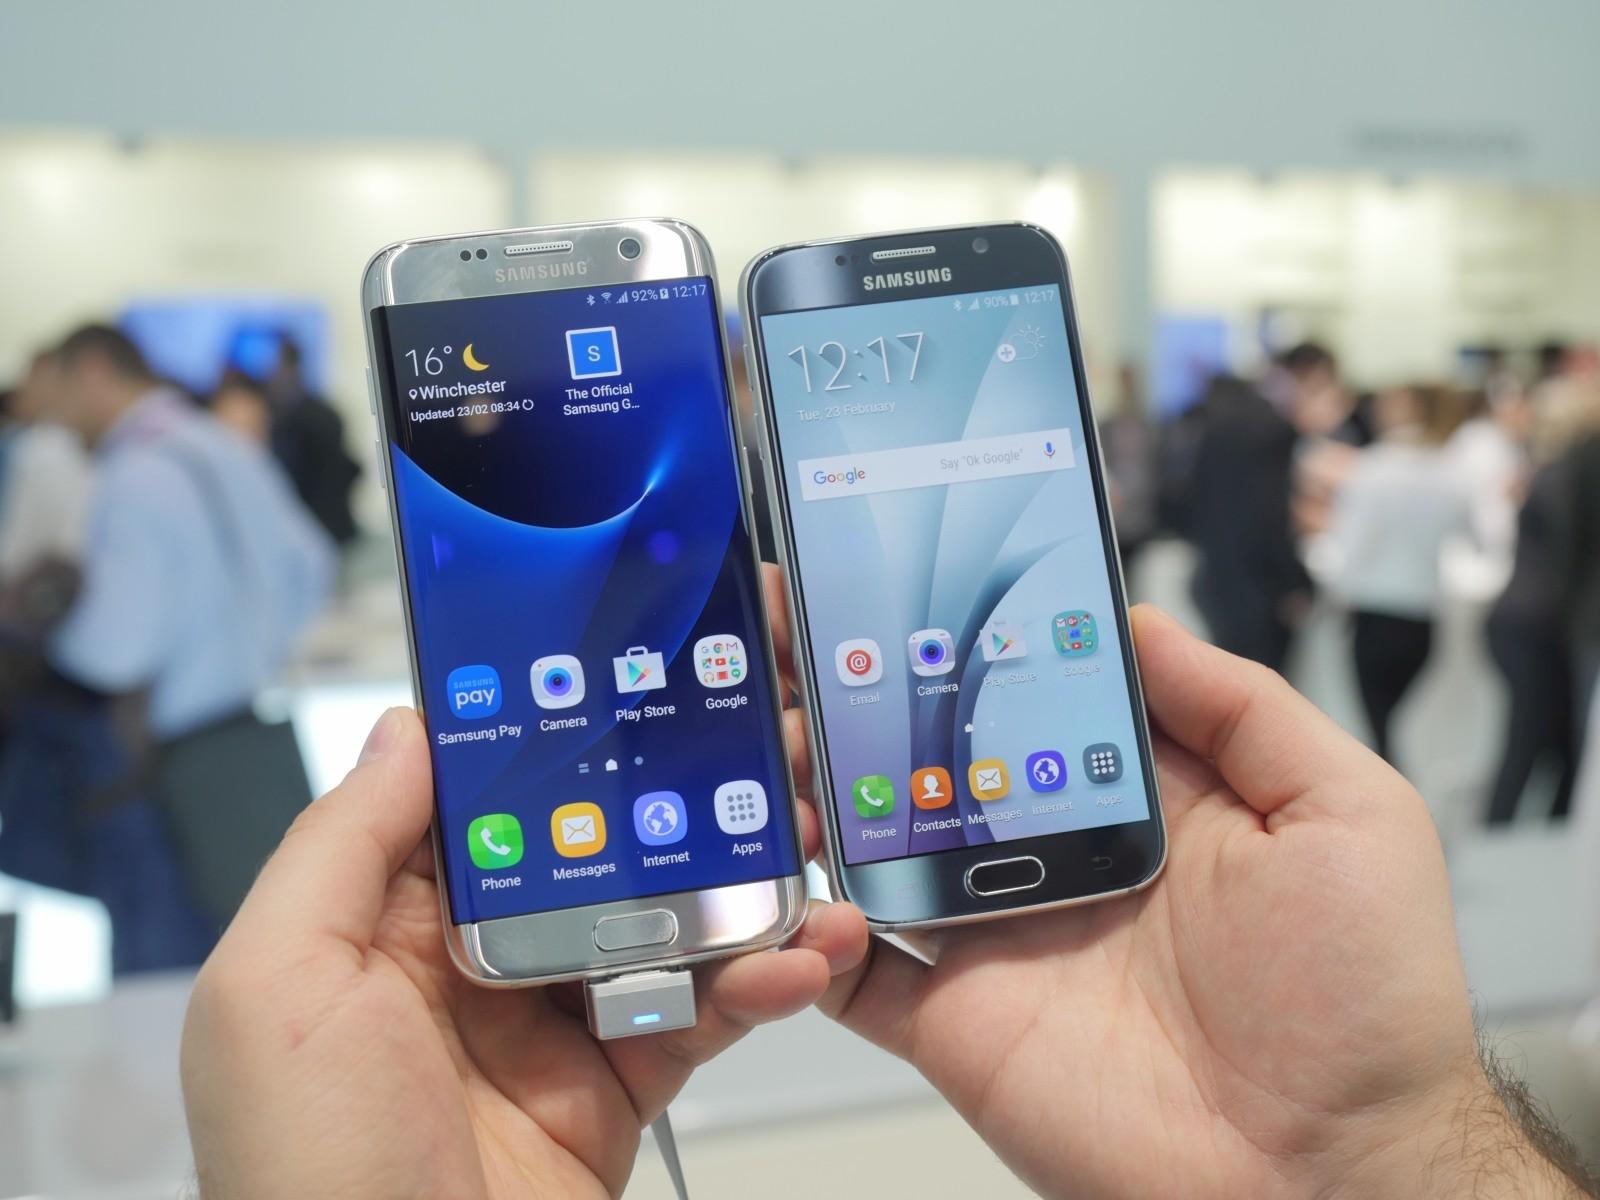 Samsung-Galaxy-S7-edge-vs-S6-3.JPG